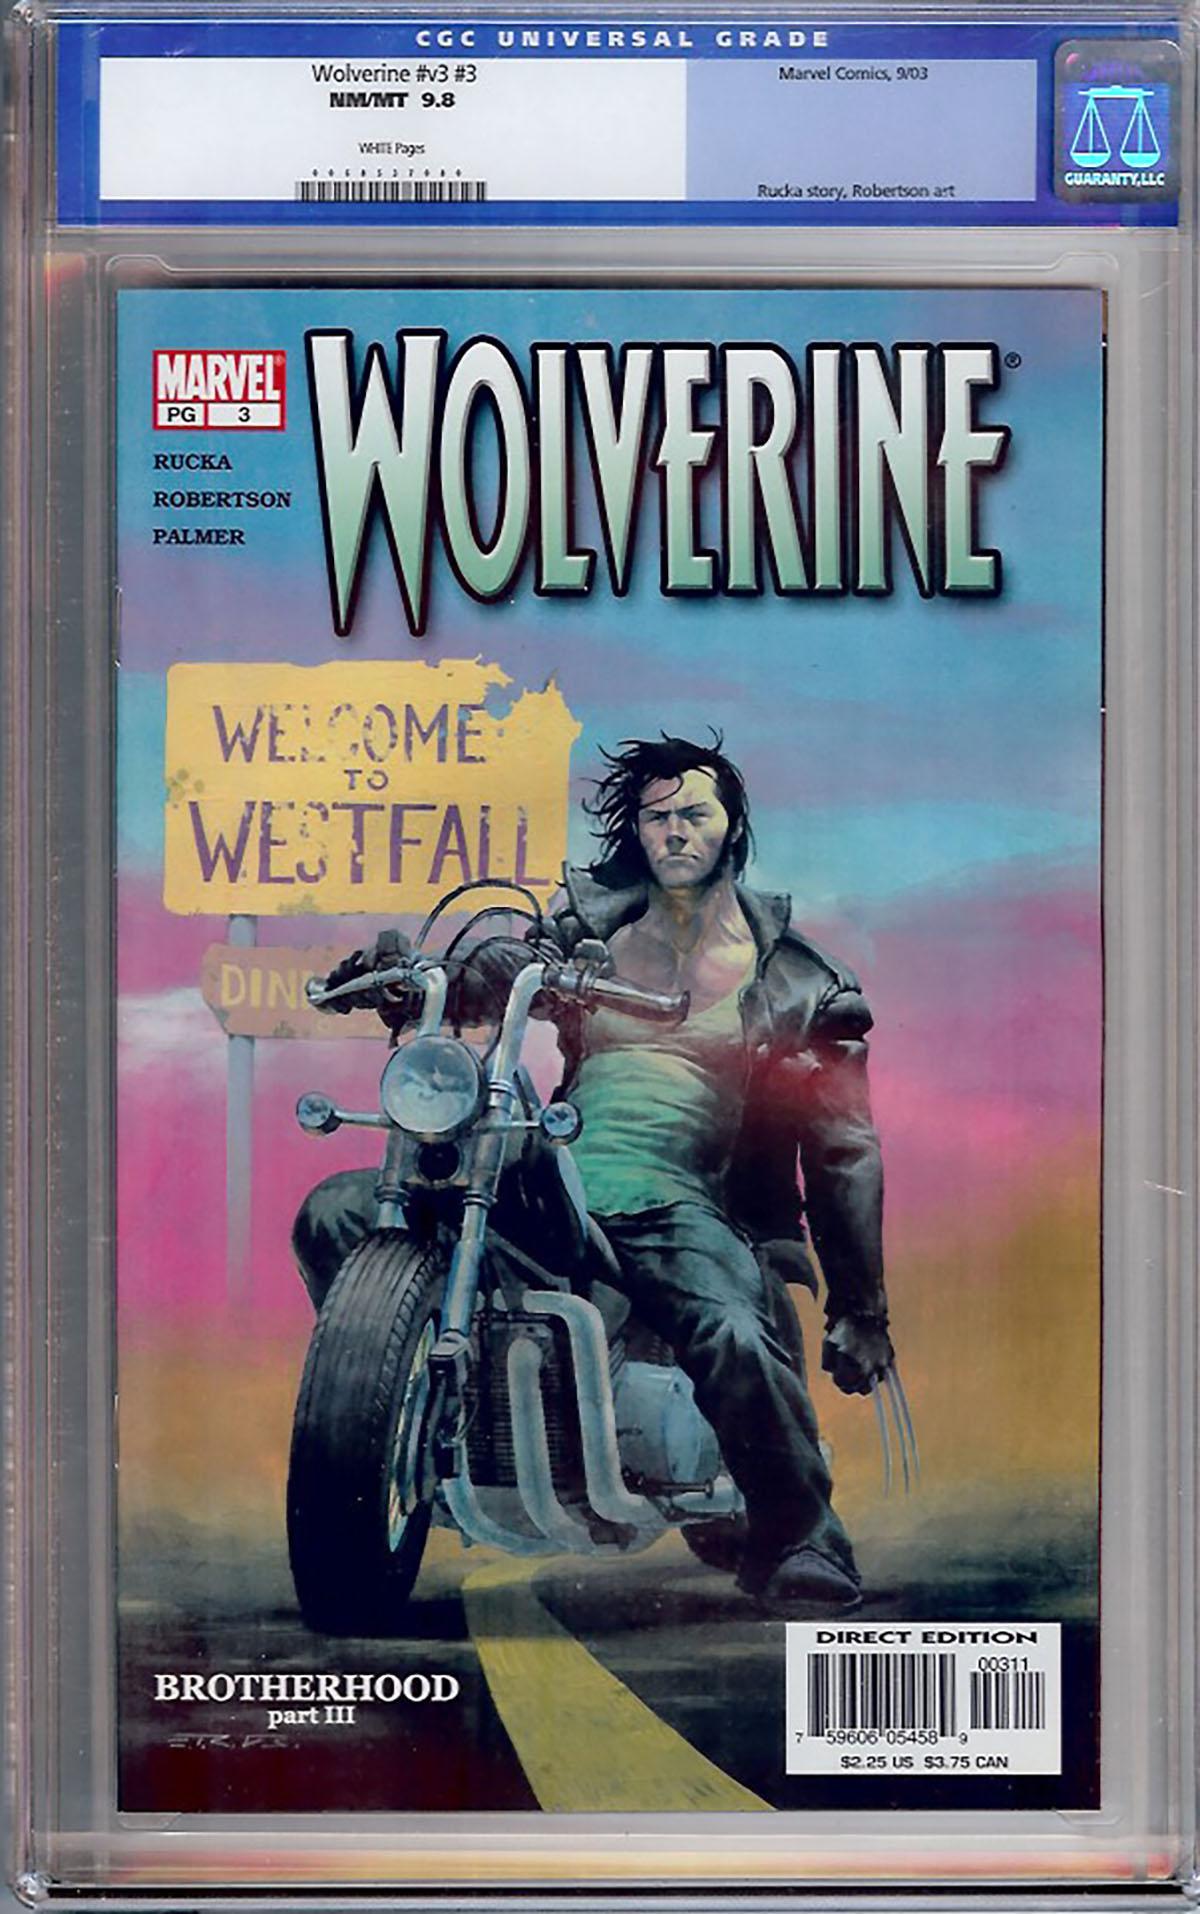 Wolverine Vol 3 #3 CGC 9.8 w